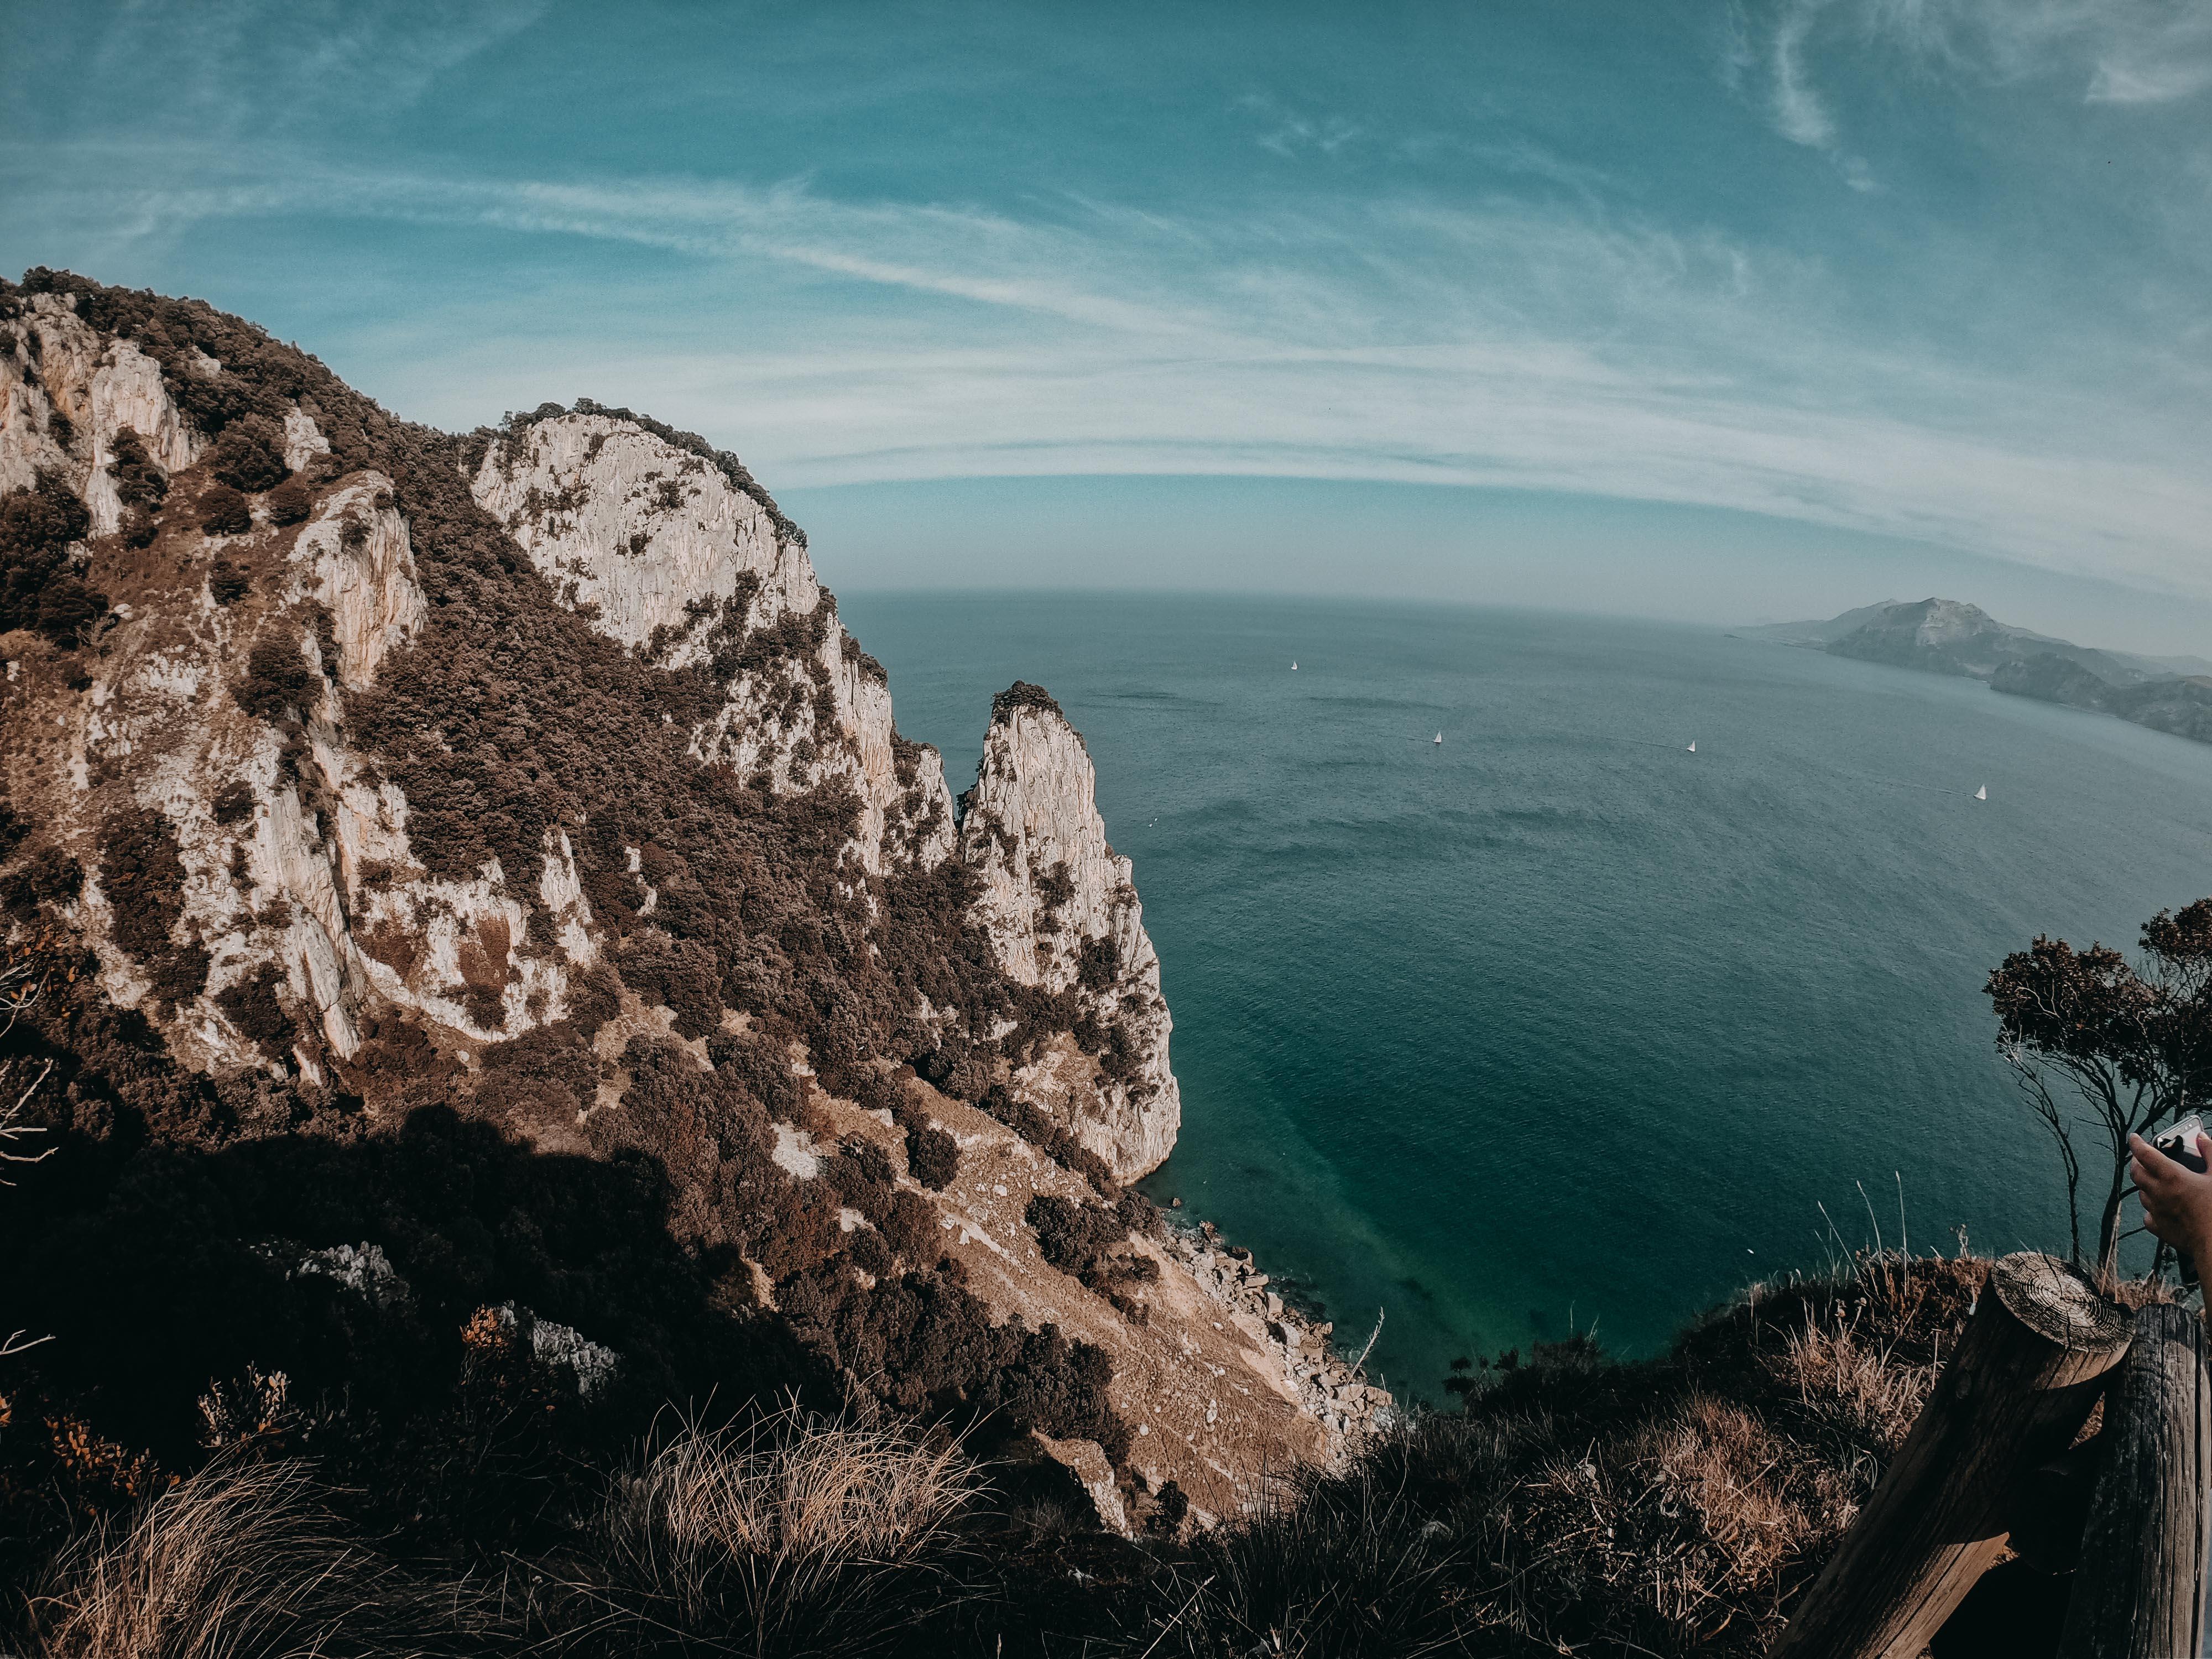 Mirador de la Punta del Fraile